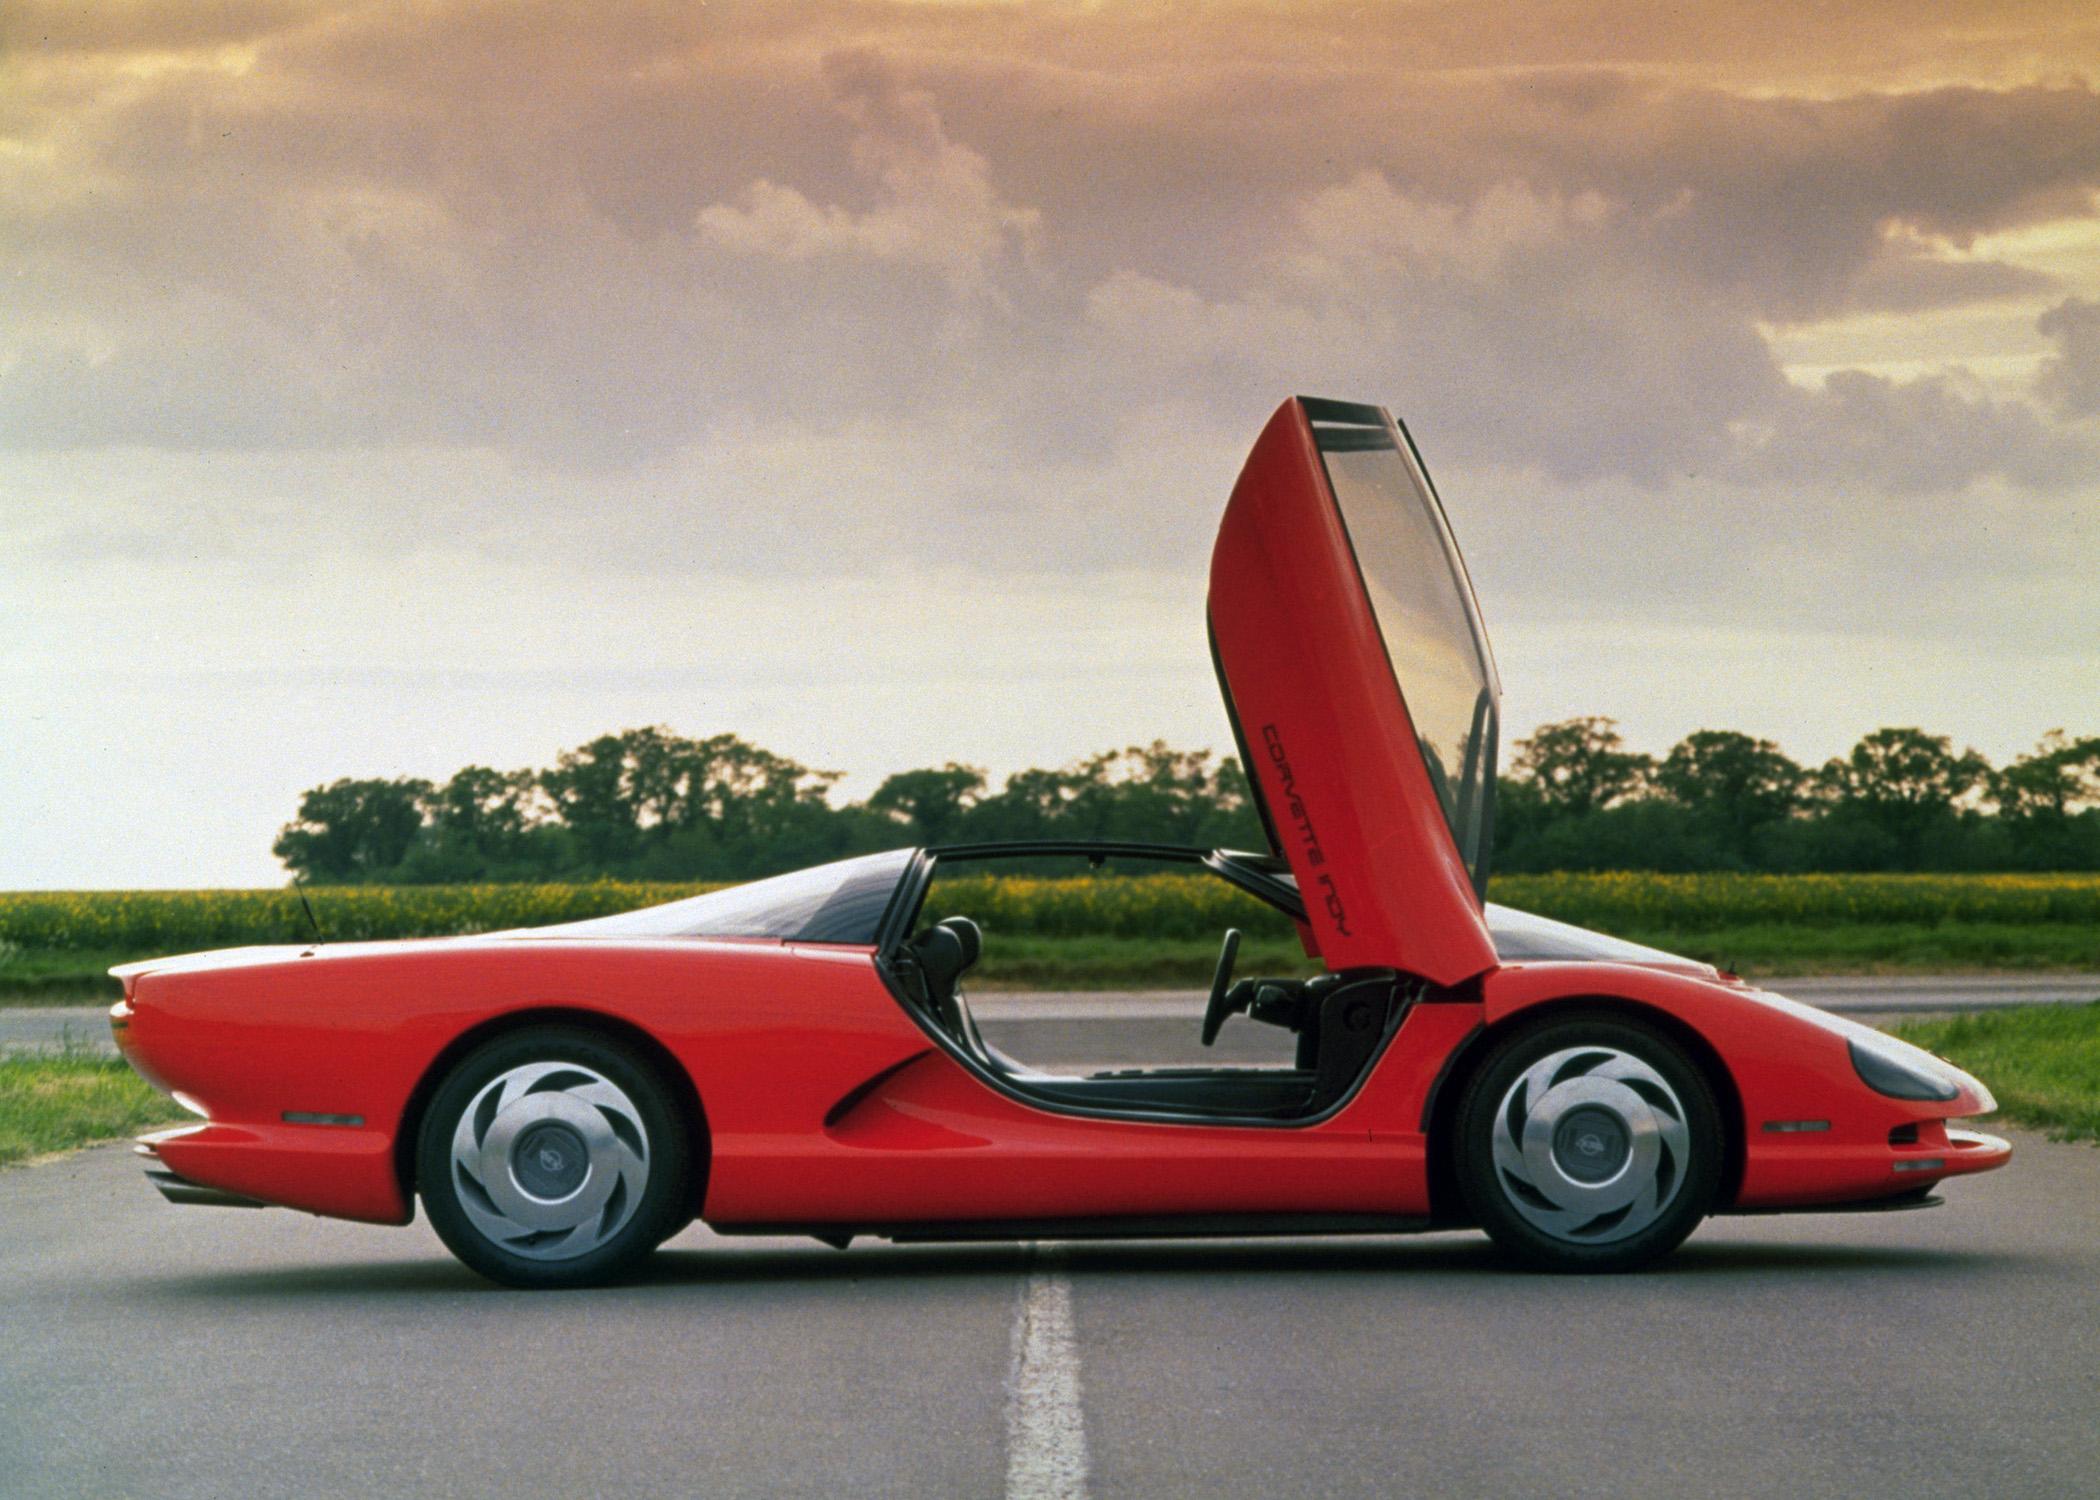 Corvette Profiles – 1986 Corvette Indy